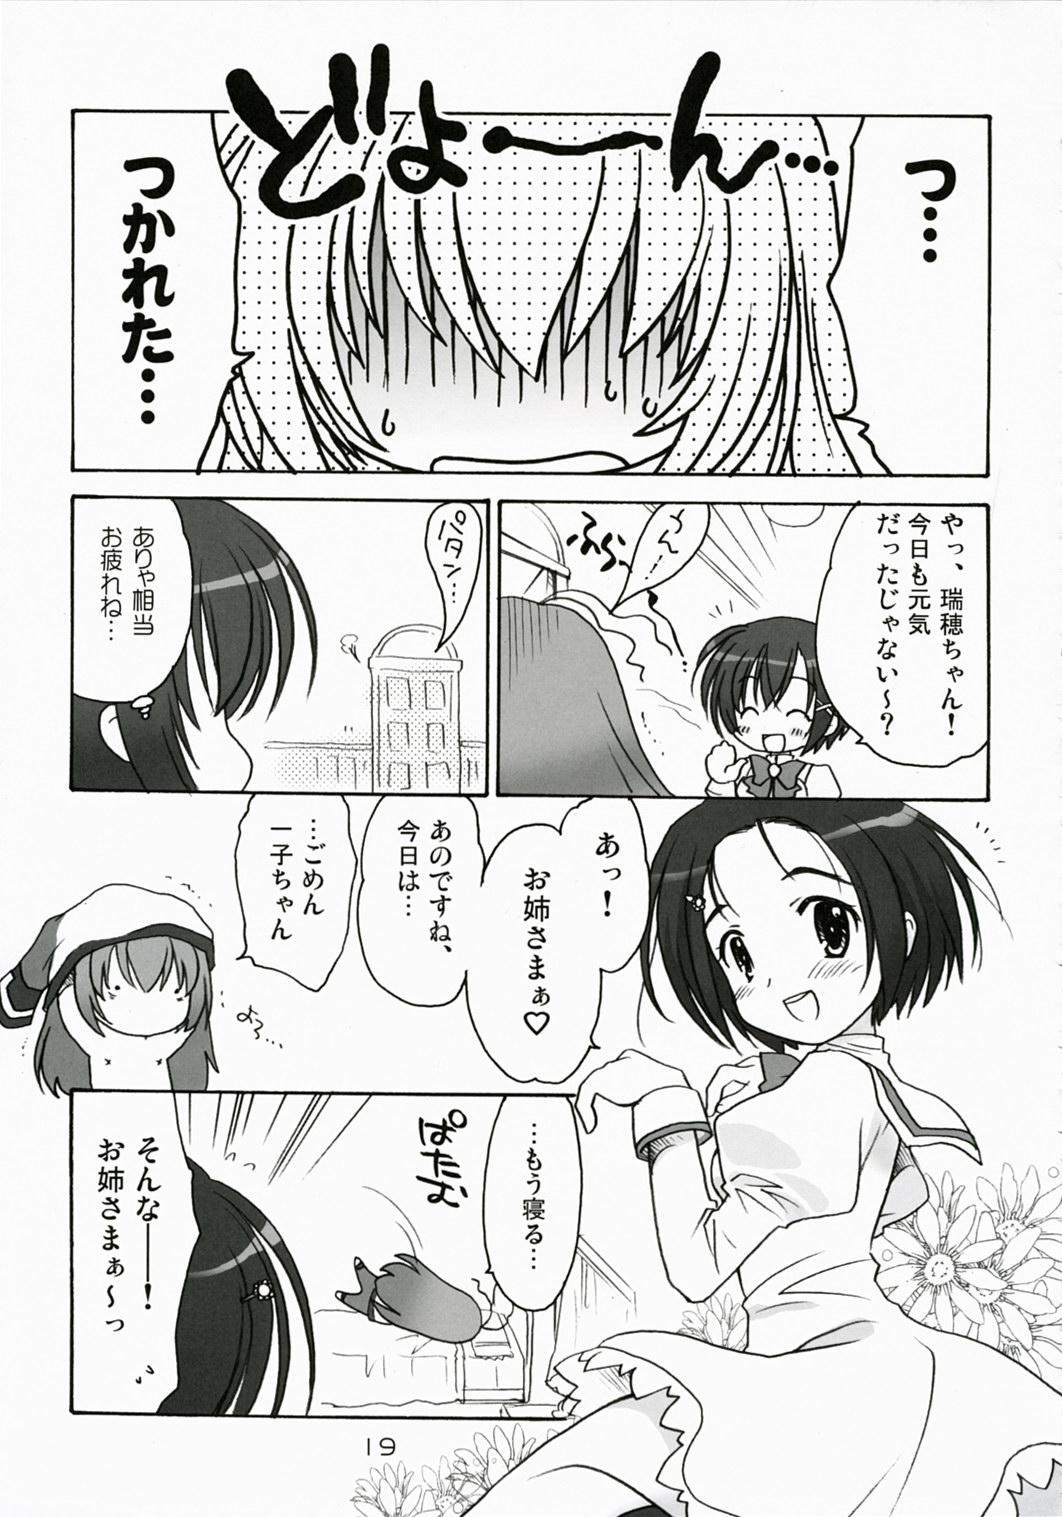 Elder ni onegai! 17